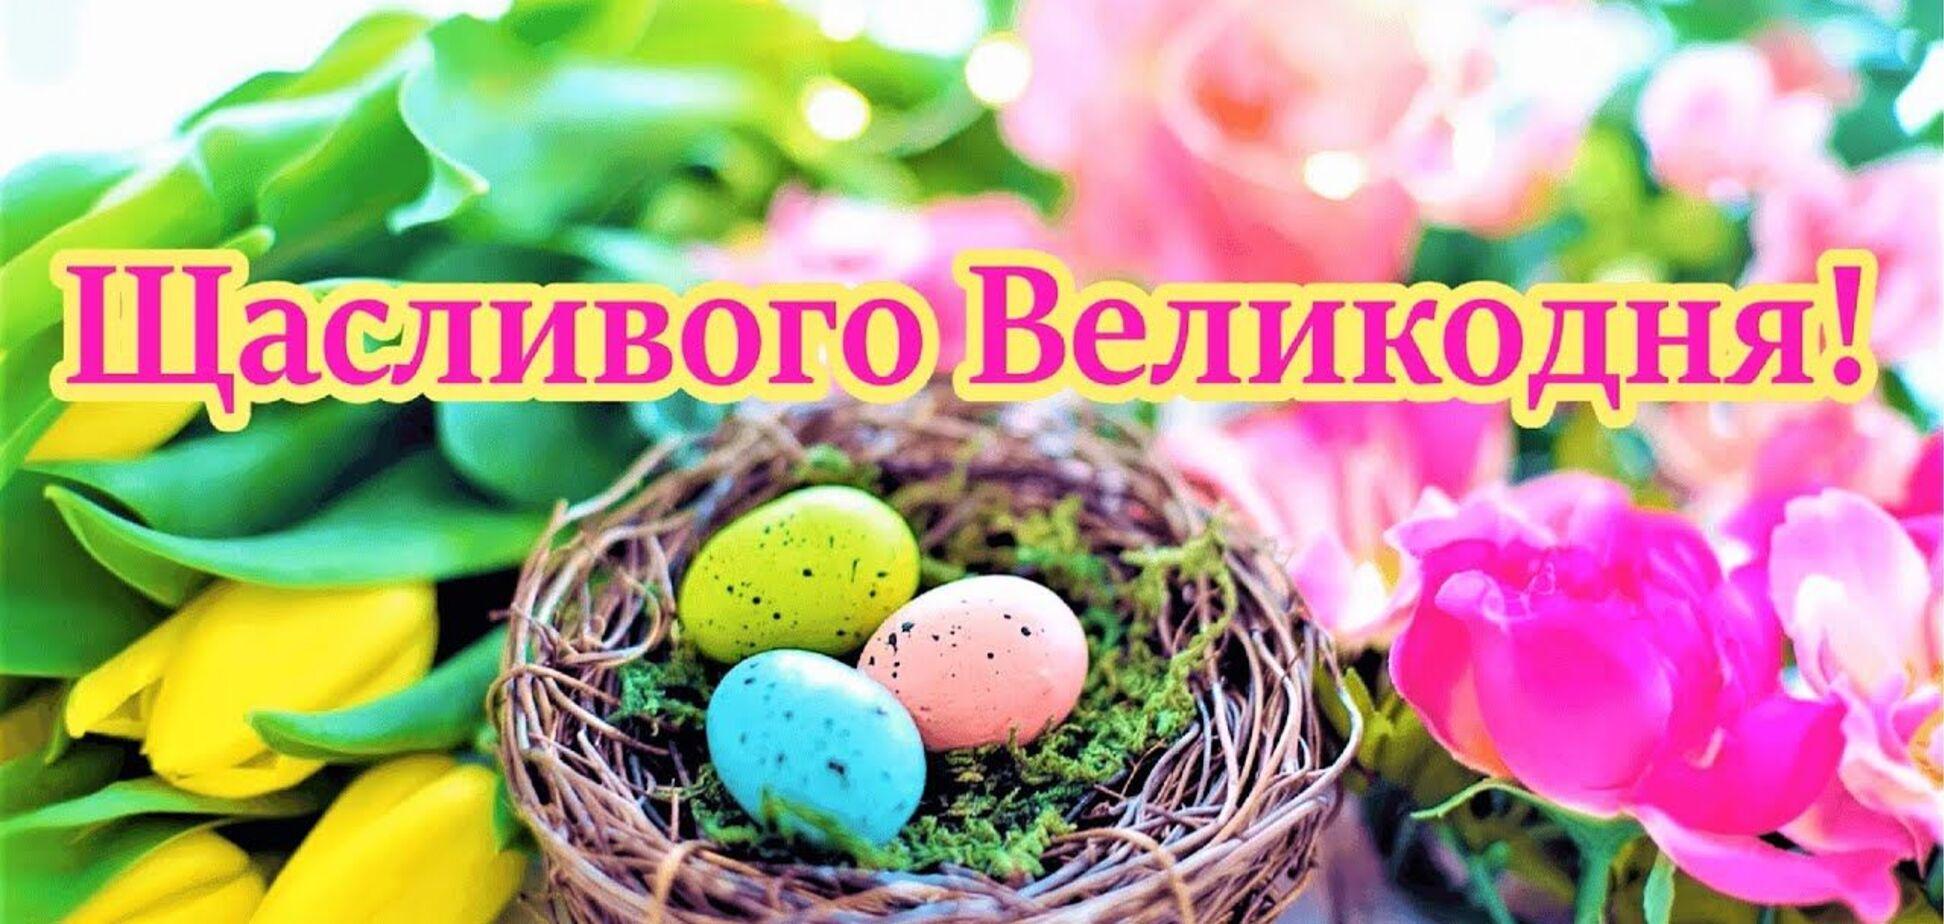 Великдень присвячено Воскресінню Ісуса Христа